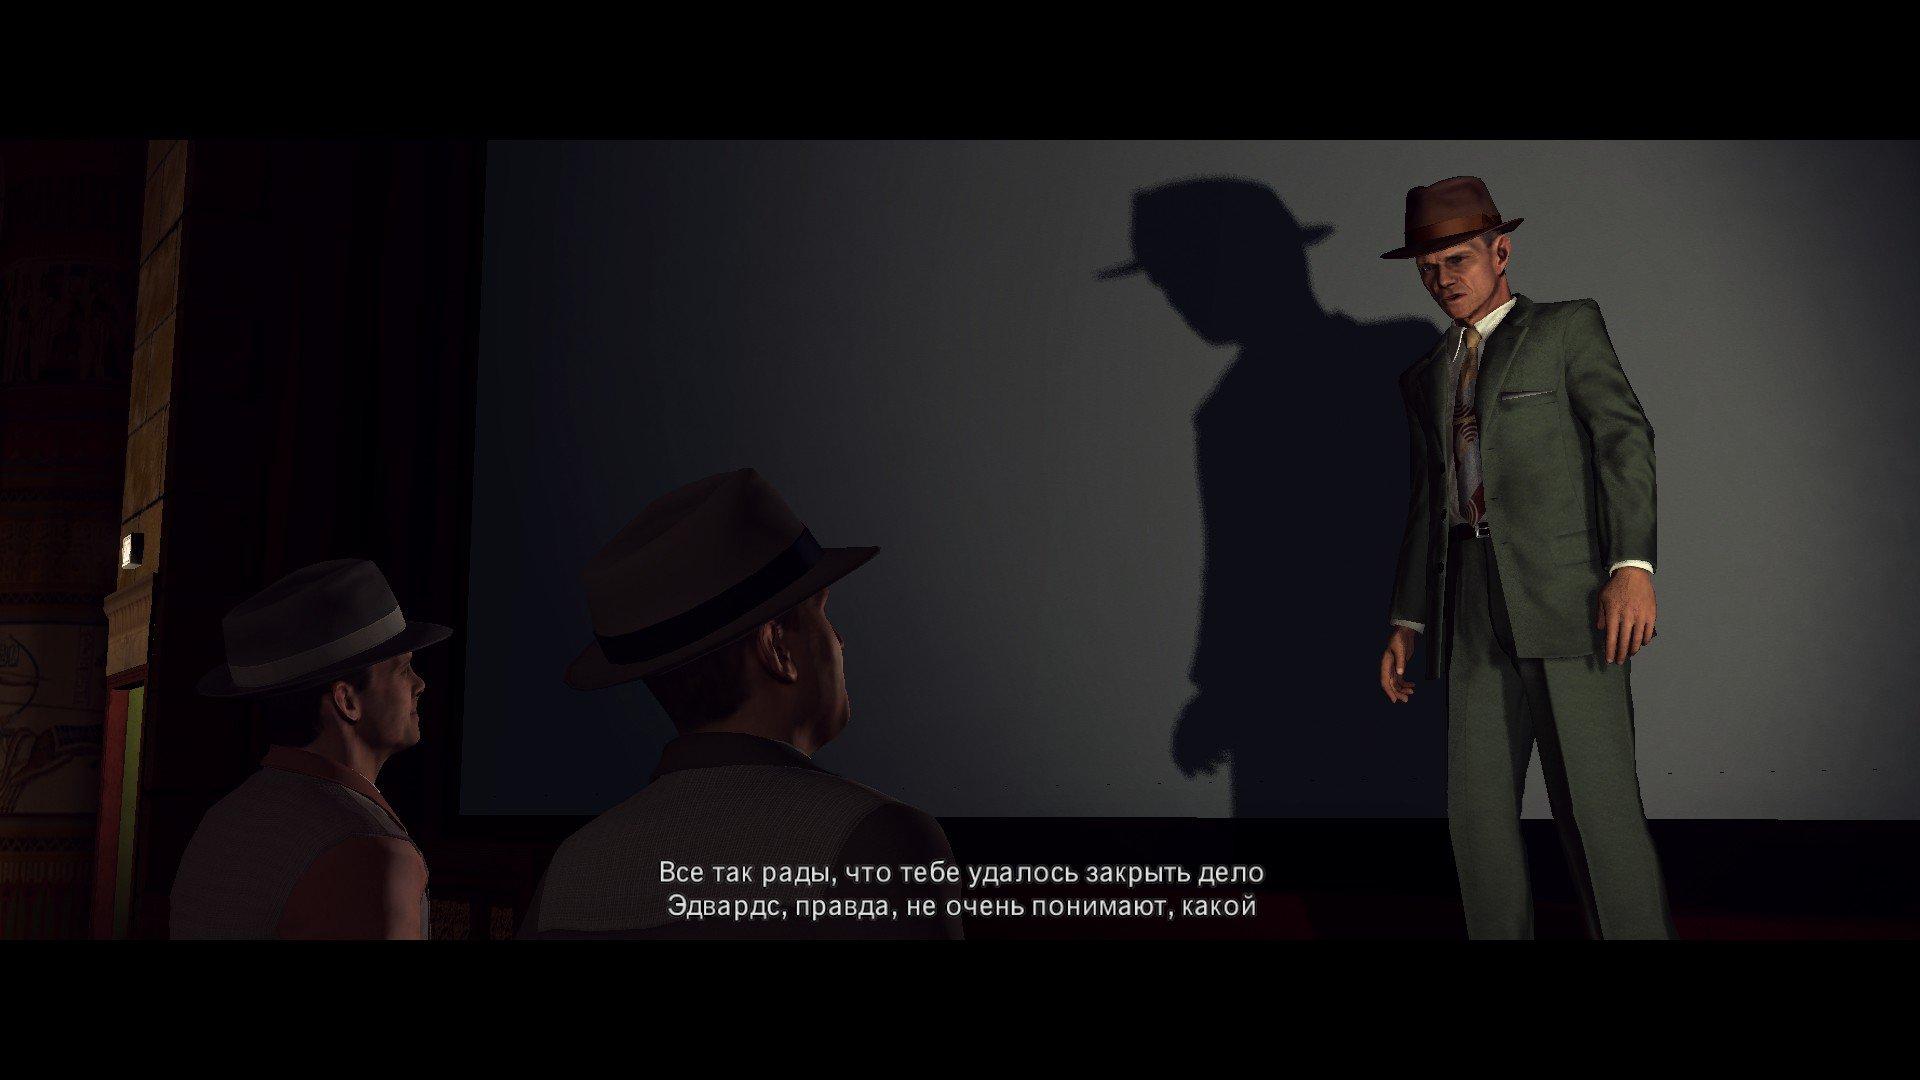 Пост-прохождение L.A. Noire Часть 16 - Изображение 73